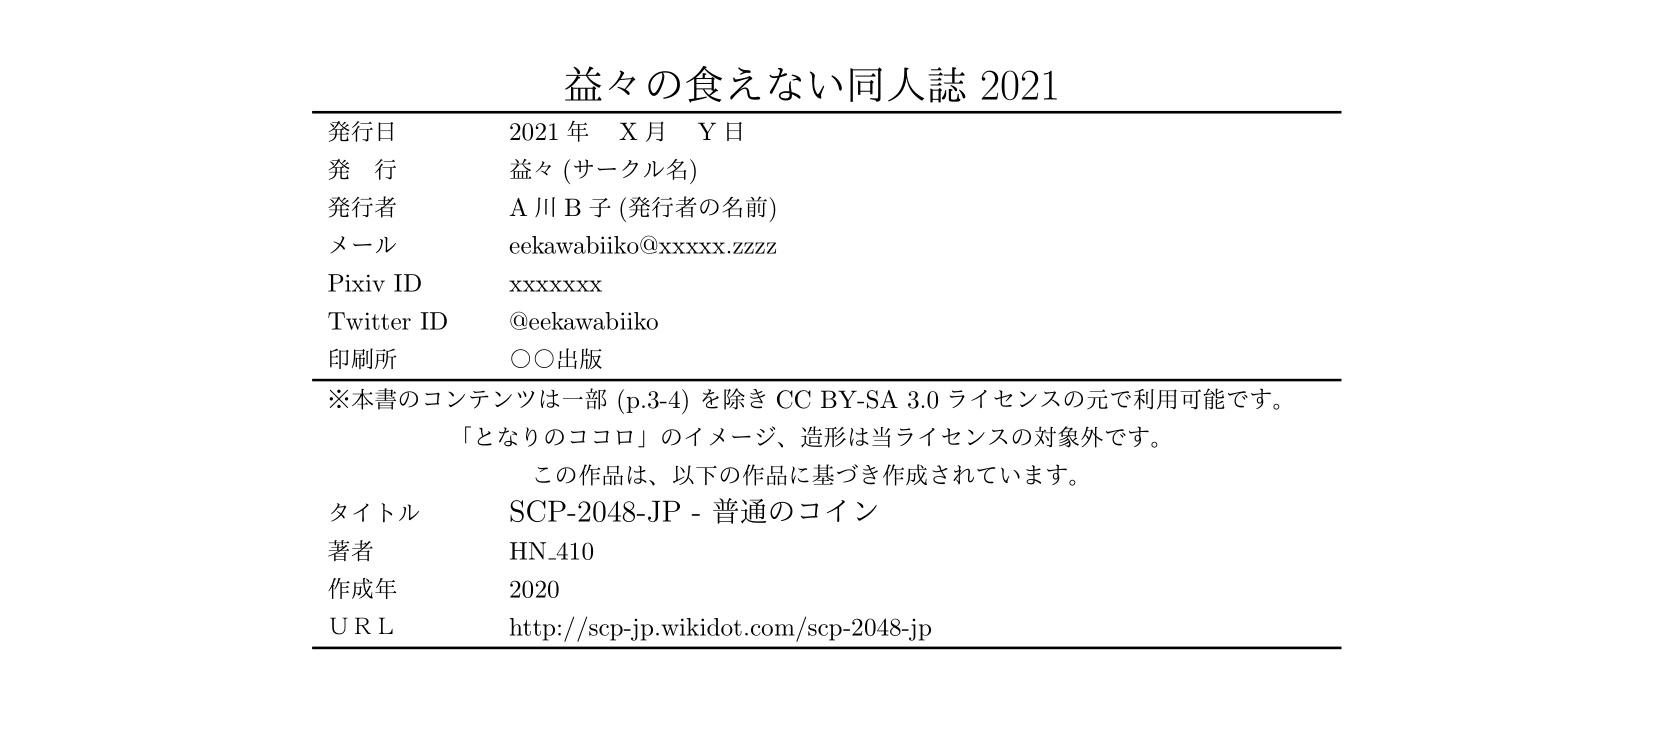 2139F322-5EE5-45BE-9C1C-EC218462DE9F.jpeg